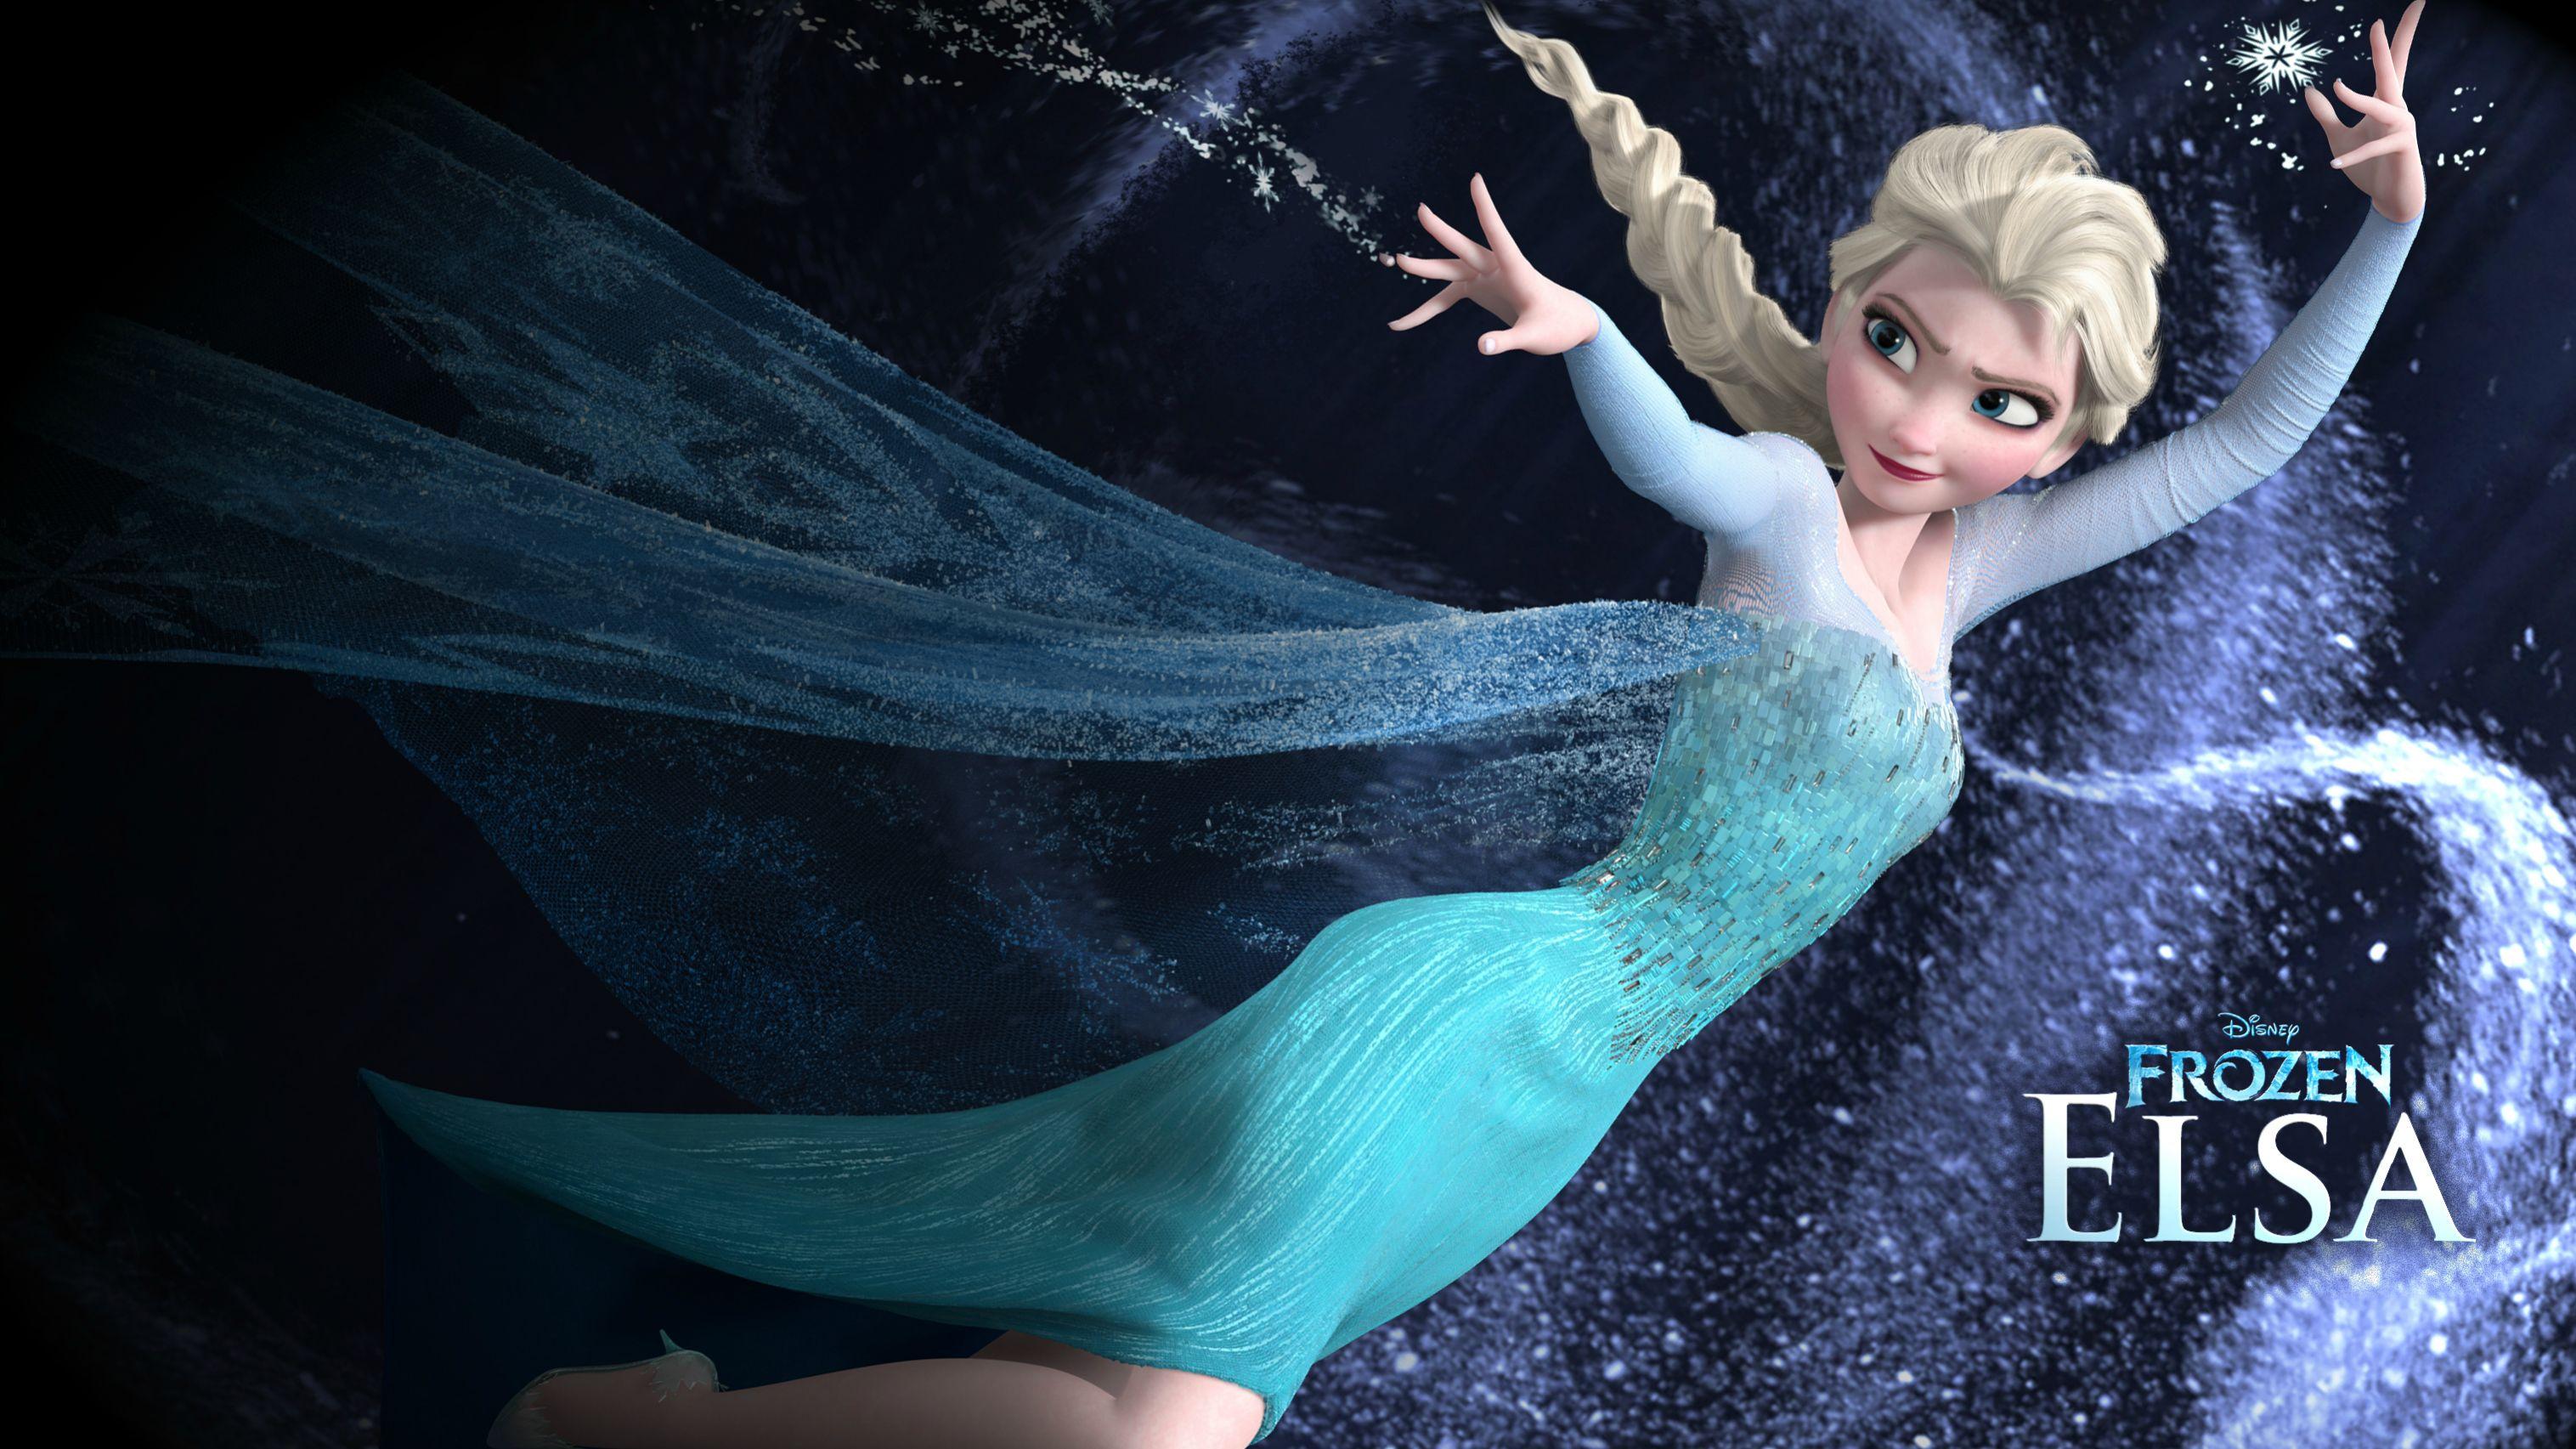 Elsa In Frozen Wallpapers Best Wallpapers FanDownload 3032x1705